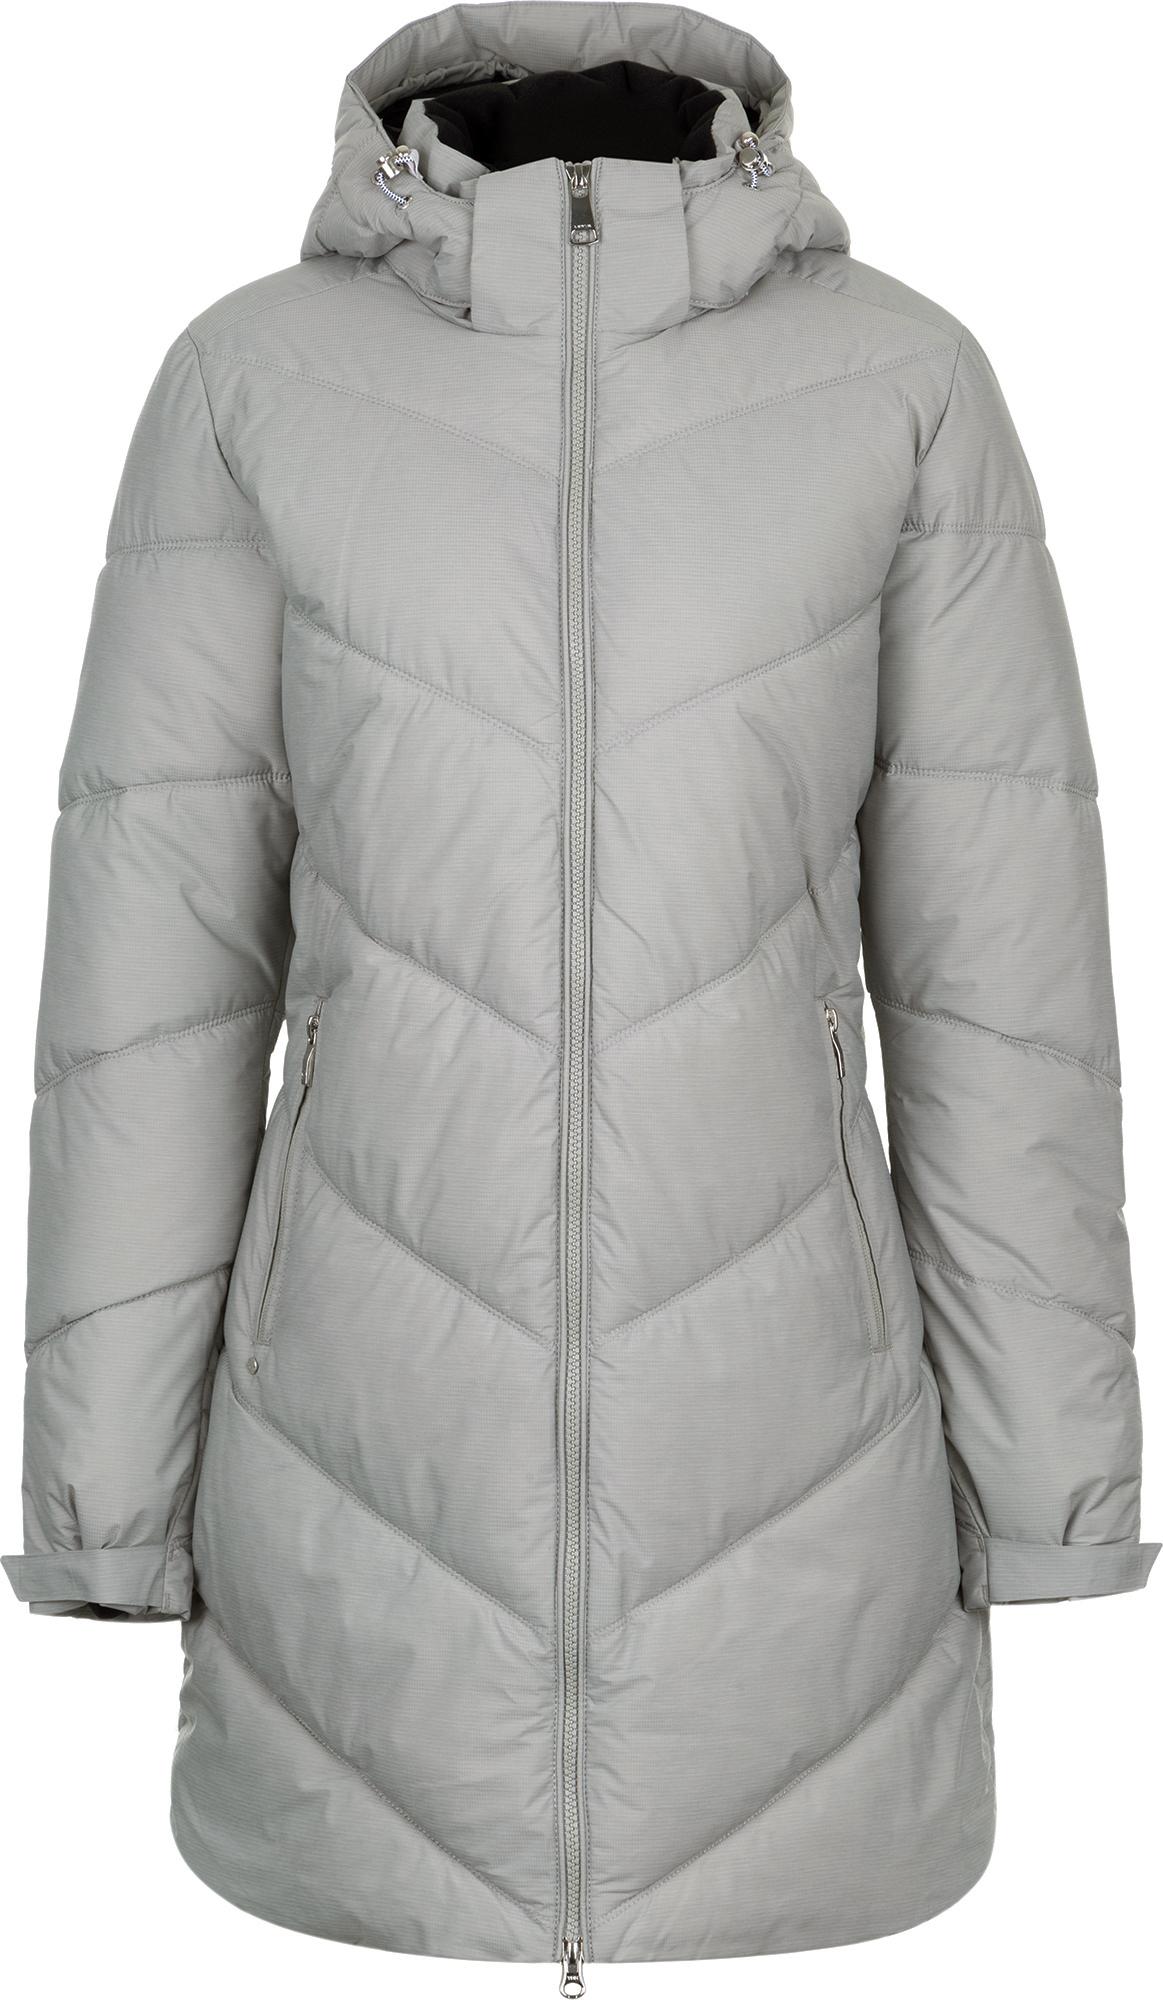 Luhta Куртка утепленная женская Luhta Giia куртка женская luhta 232441340l7v цвет тёмно синий